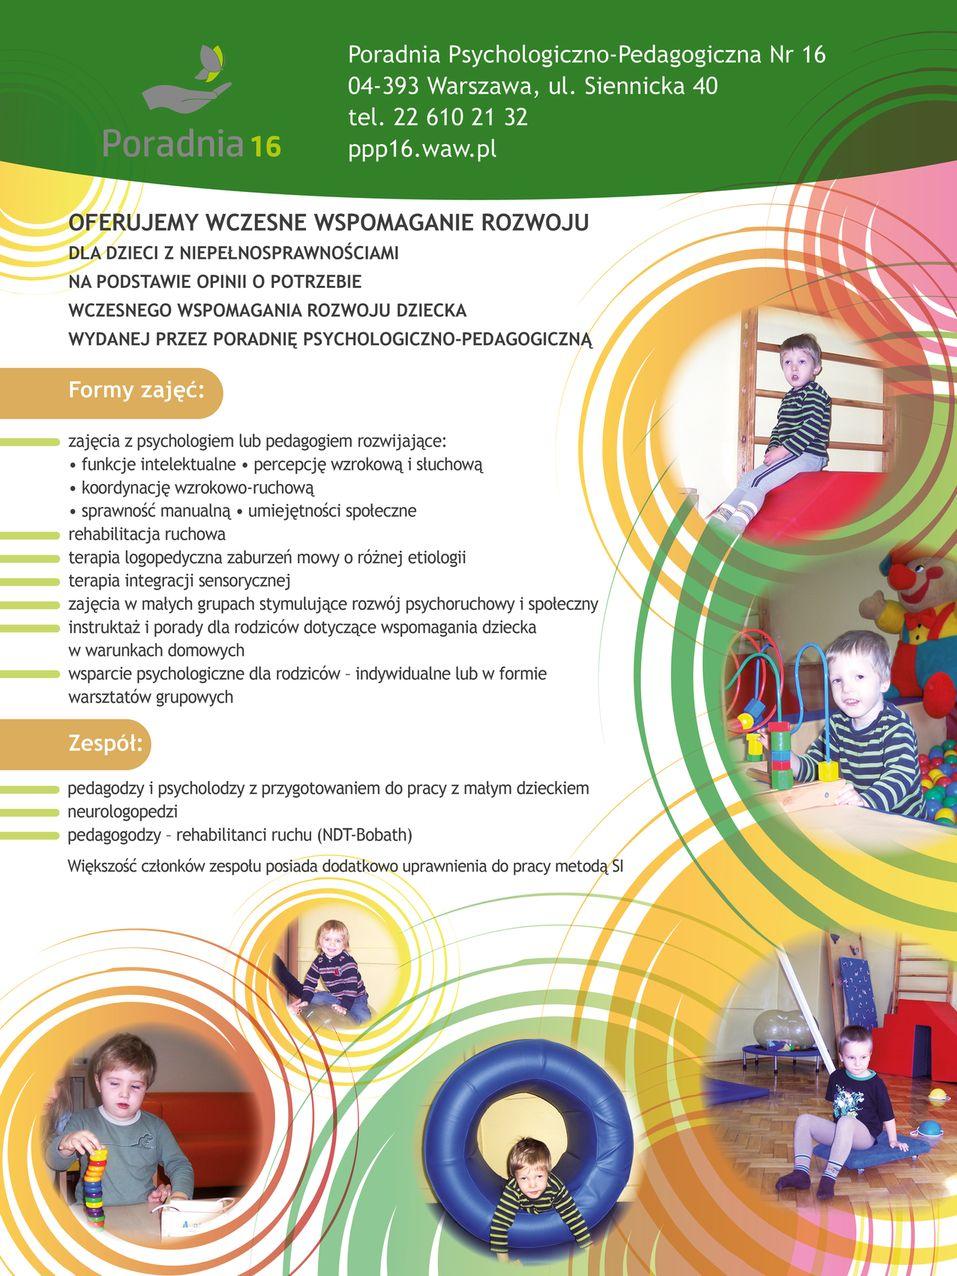 Zdjęcie przedstawia dzieci podejmujące różne aktywności ruchowe w ramach wczesnego wspomagania rozwoju oraz informacje na temat oferty Poradni w tym zakresie